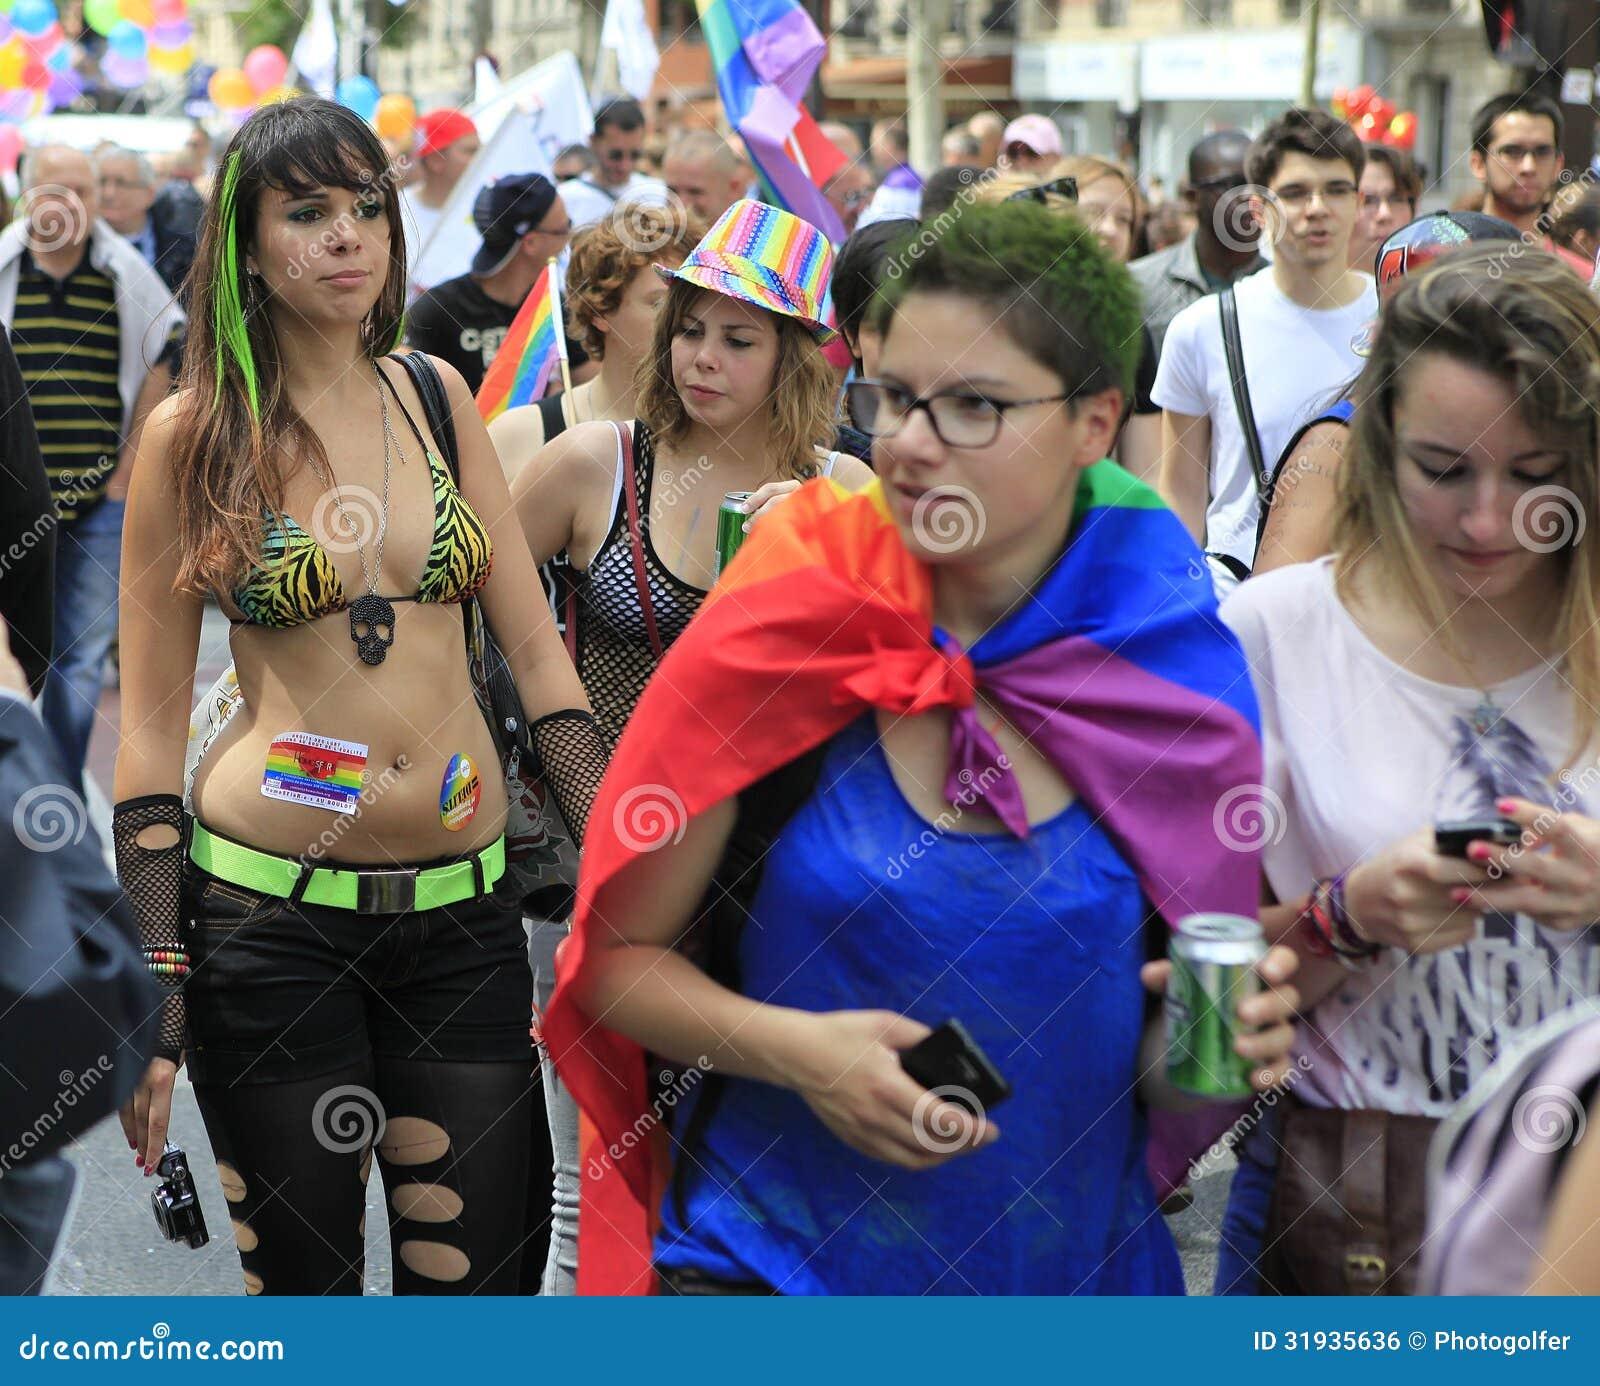 la France gaude gay